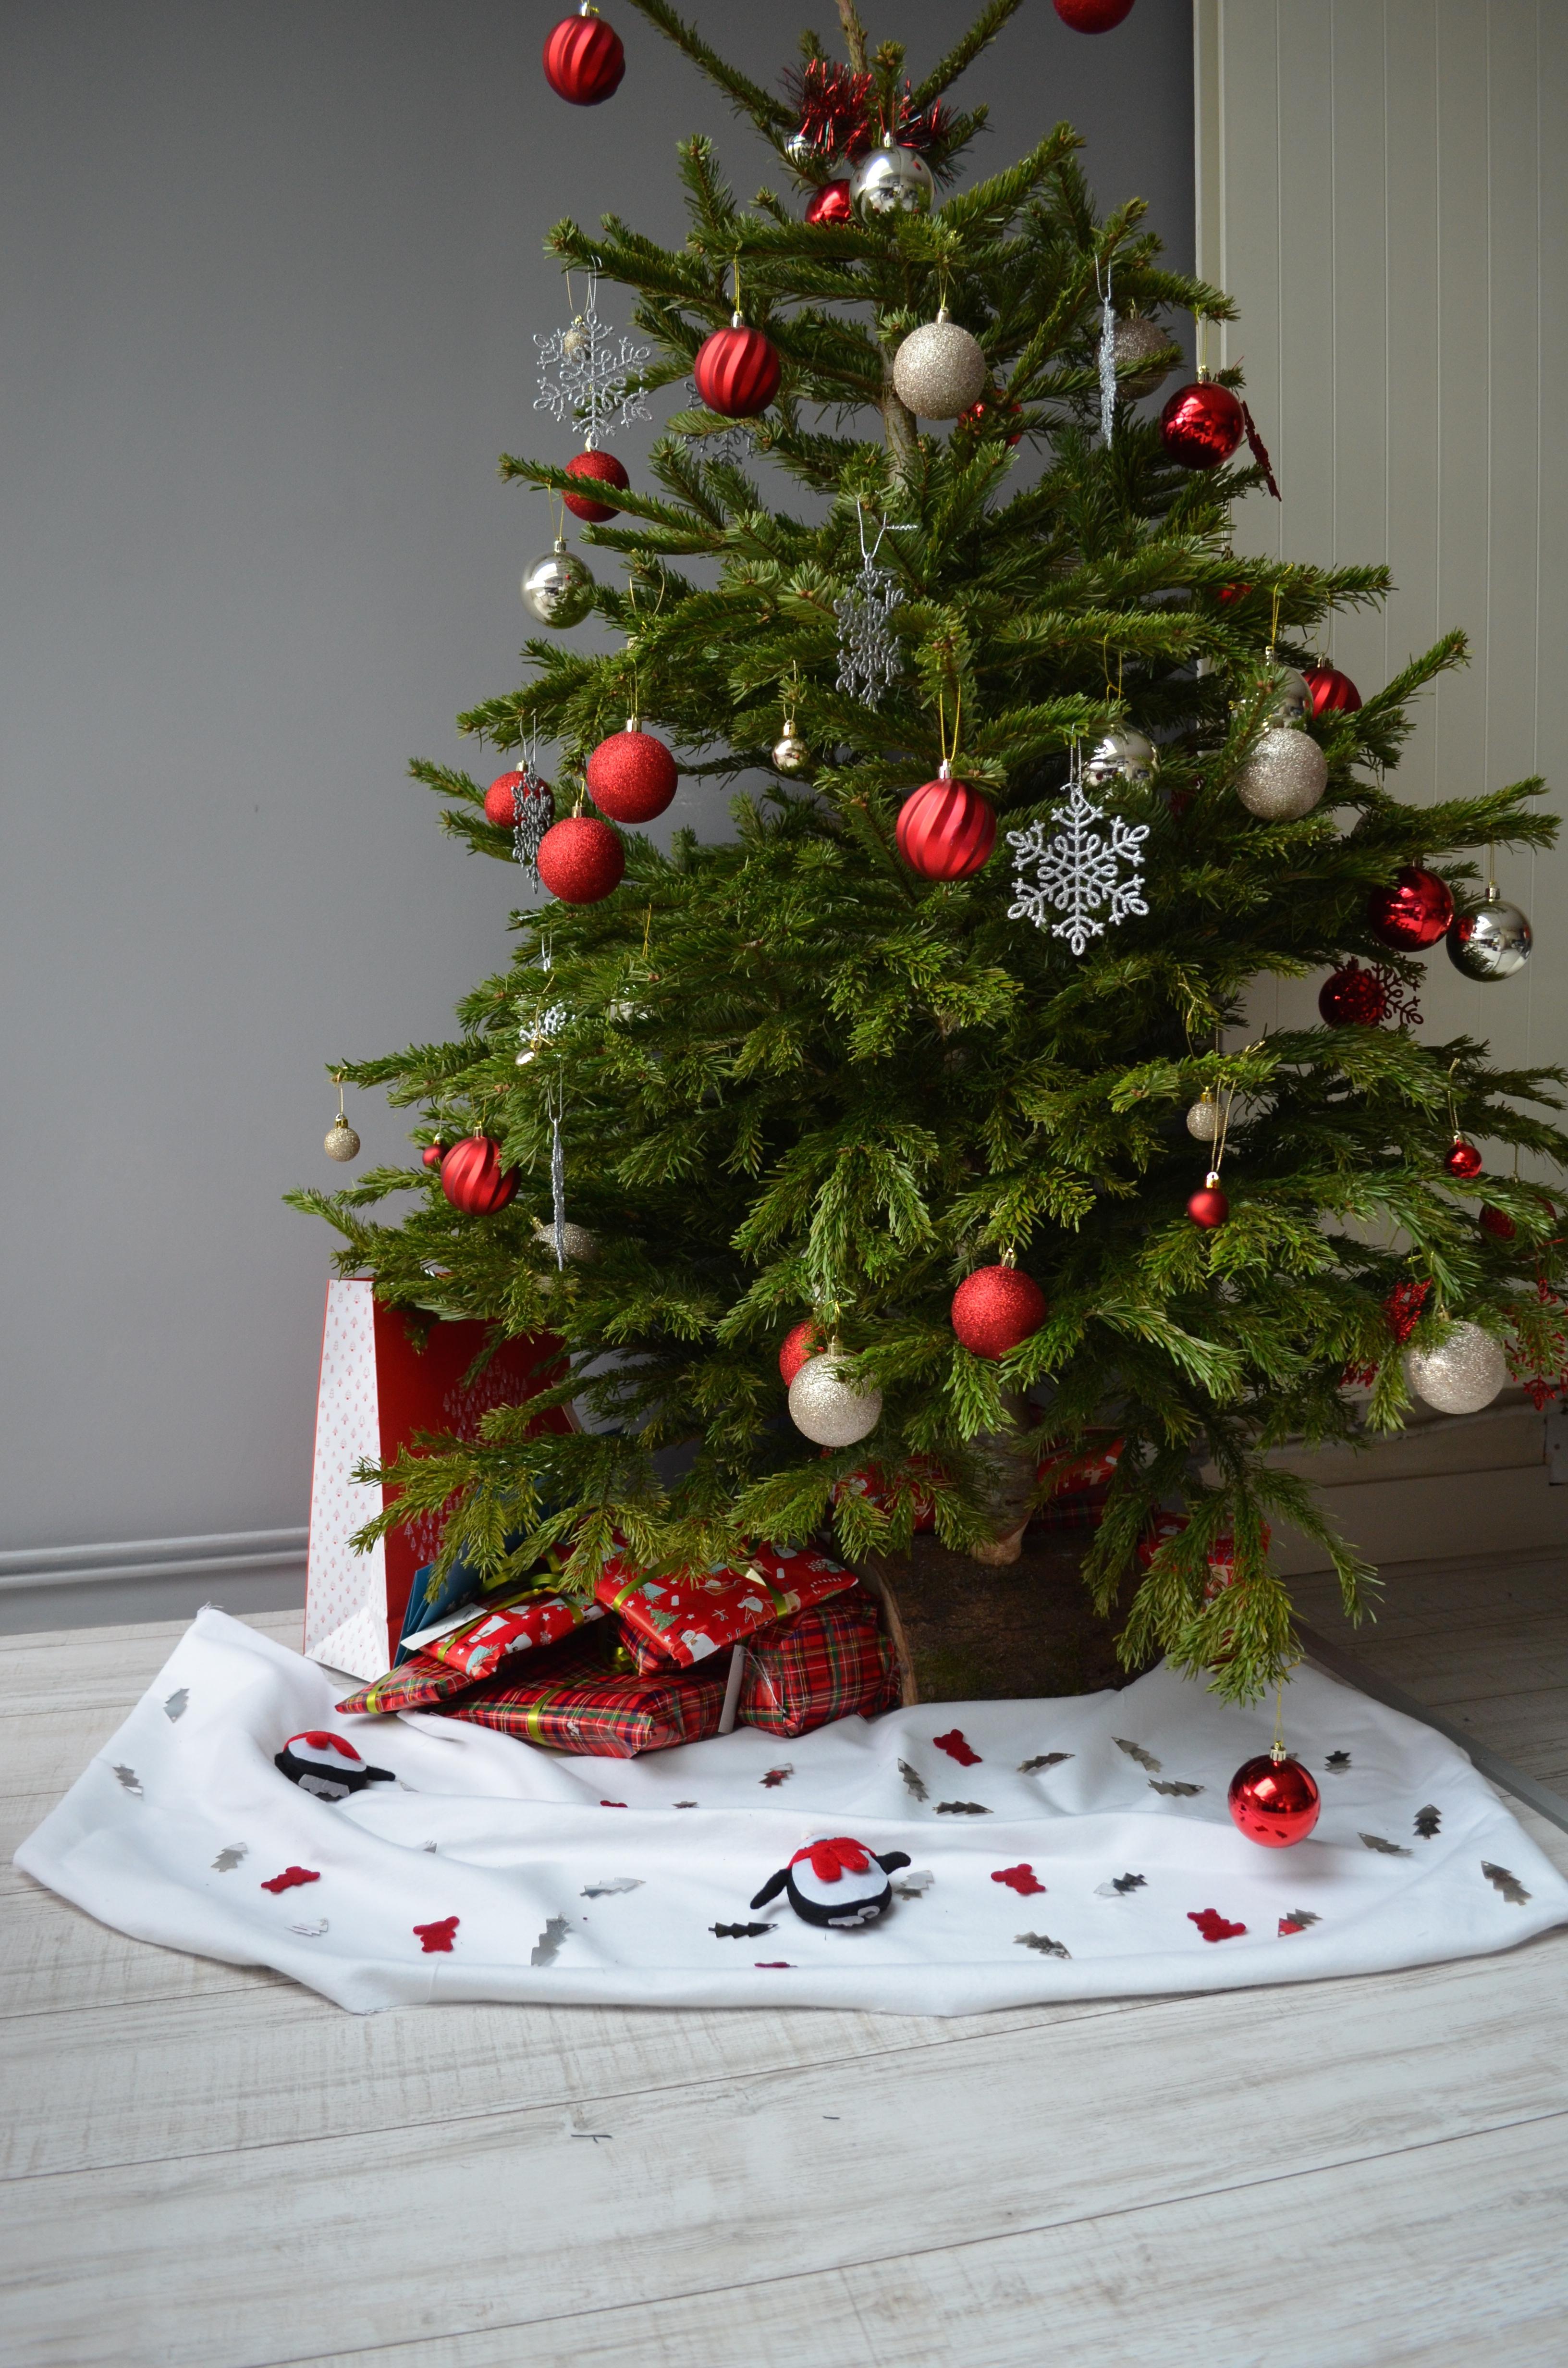 Mes cadeaux de no l faits maison 2 - Mes cadeaux de noel ...